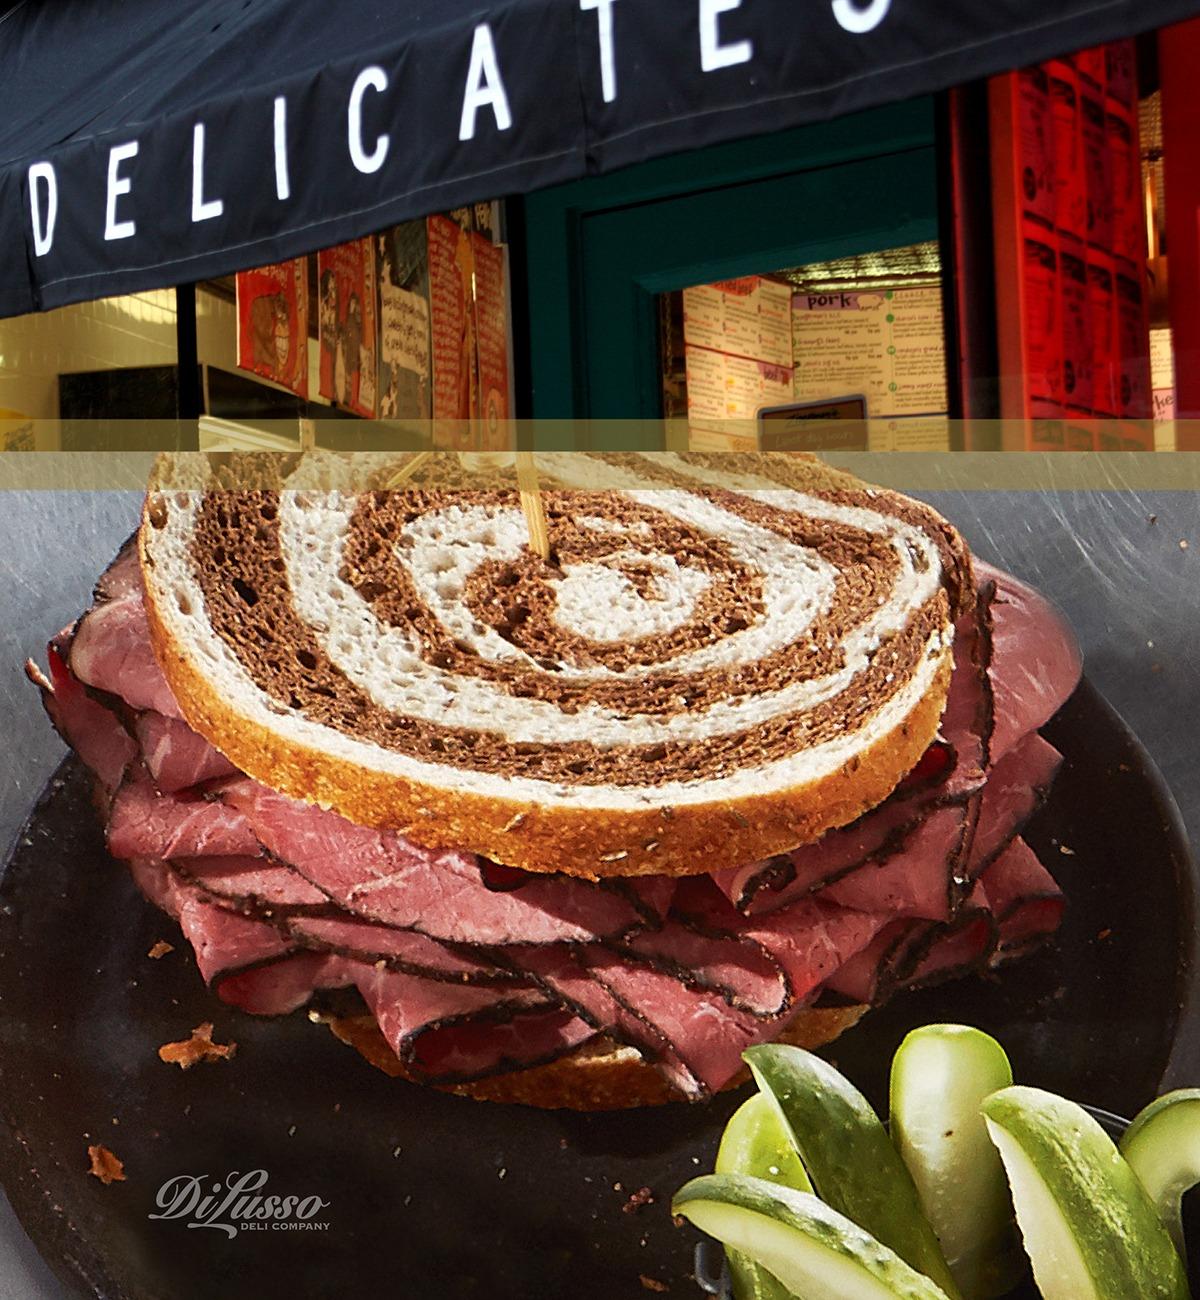 Deli = Delicious